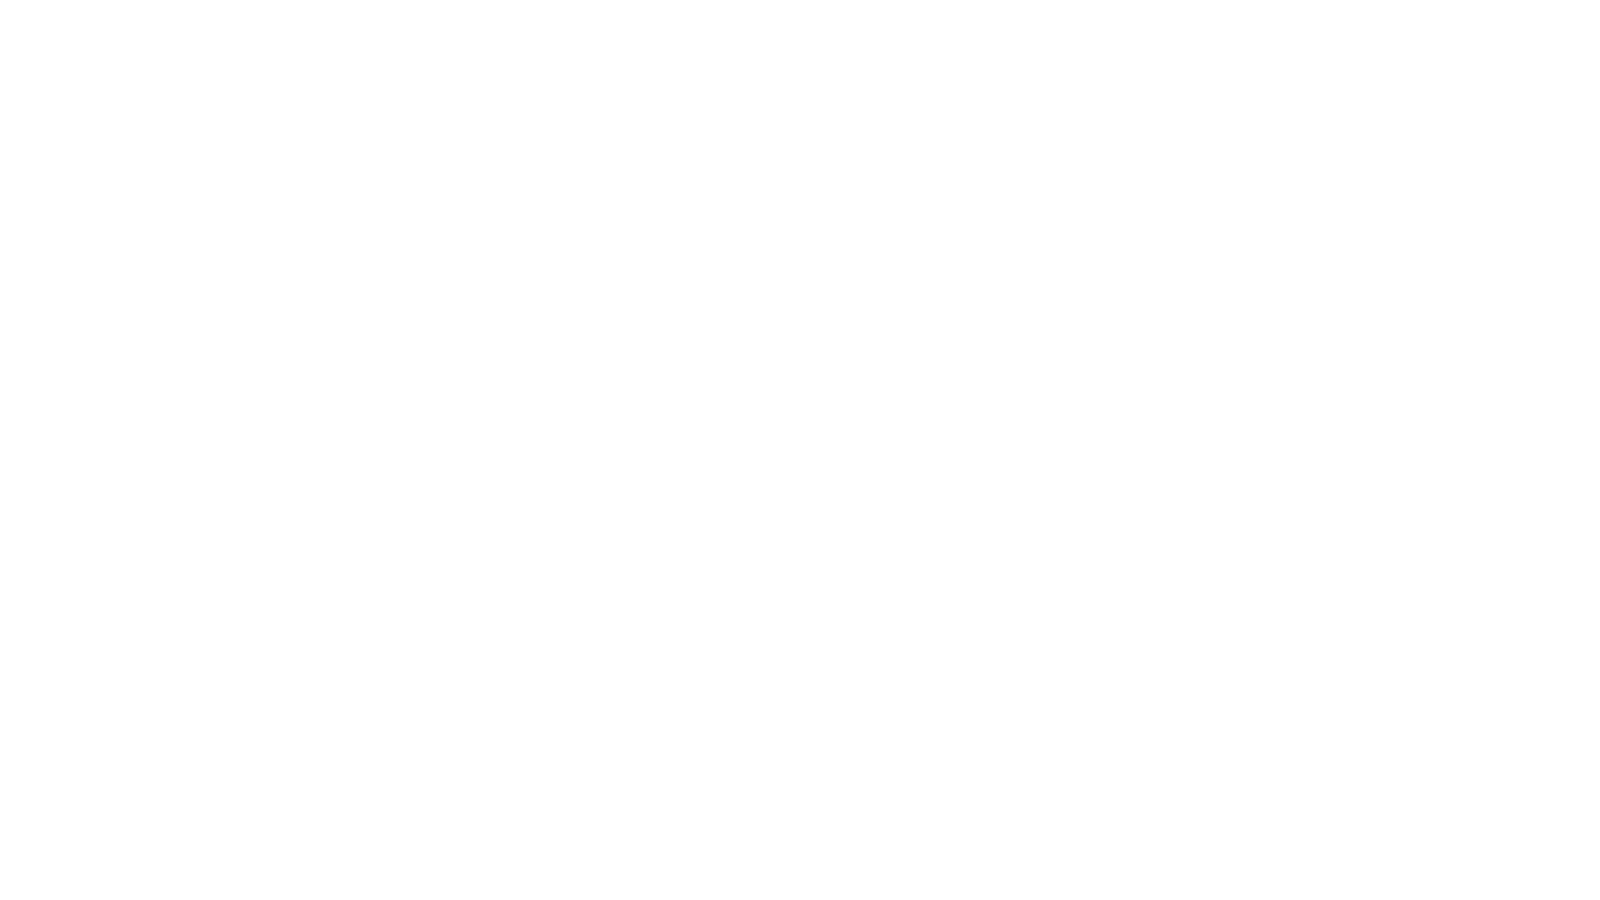 """Not: Merhum M Akif'in amfiye adının verilmesini katkım oldu. Bakan Çelik'in Mısır ziyareti öncesi eski Kahire Büyükelçisi Yaşar Yakış ile telefon trafiği yaptım. Rabbimin lutfuyla gerçekleşti.   -MEB HÜSYİN ÇELİK KAHİRE'DE: ÇELİK: """"MİLLİ ŞAİRİMİZ M.AKİF ERSOY'UN KAHİRE ÜNİVERSİTESİNDE TÜRKÇE DERSİ VERDİĞİ TÜRKÇE BÖLÜMÜNDEKİ ANFİYE ERSOY'UN İSMİ VERİLEREK EBEDİLEŞTİRİRİLECEK   KAHİRE (AA). 16.06.2005. Metin Turan bildiriyor. Milli Eğitim Bakanı Hüseyin Çelik, Milli Şairimiz M. Akif Ersoy'un, Türkçe dersi verdiği Kahire Üniversitesi Edebiyat fakültesi Türkçe Bölümündeki bir amfiye, Mili Şairimizin ismi verilerek ebedileştirileceğini"""" bildirdi.   Milli Eğitim Bakanı Hüseyin Çelik, Kahire temaslarında Kahire Üniversitesi  ziyaret ederek üniversiteyi gezdi. Ziyaret sonunda Anadolu Ajansına açıklama yapan Çelik, """"Kahire Üniversitesi Rektörü Prof. Dr.Ali Abdurrahman ile Milli Şairimiz M. Akif Ersoy'un ismini bir amfiye  verilmesini birlikte görüştük.. Rektör,  teklifimizi kabul etti. Bu ay ki Üniversite yönetim kurulu toplantısına teklif olarak götürecek. Ve orada teklif çıkarttıktan sonra Edebiyat fakültesinin Türkçe bölümündeki bir amfiye M. Akif Ersoy'un adı verileceğini"""" bildirdi.    Çelik, """"Bildiğiniz gibi Ersoy, 1930 yıllarda Kahire üniversitesinde Öğretim üyeliği yaptı. Türkçe dersleri verdi Ersoy'un buradaki hatırasını yaşatmak hem de milli şairimizin Kahire üniversitesinde ders verdiği yerde ismini ebedileştirmek için bence yapılması gereken bir çalışma bu güne kadar geciktiğini söyleyen Çelik, """"Avrupa Birliği Uyum Birliğinde Sorumlu ve eski Dışişleri Bakanı Sayın Yaşar Yakış,  Kahire'de Büyükelçilik döneminde meseleyi ele almış çok uğraşmış maalesef  ama olmamış biz bu teklifimizi Sayın Rektöre ilettik. Onlarda kabul ettiler ayrıca kendilerine çok teşekkür ediyorum. Ümit ediyorum ki bir gecikme olmadan bu iş gerçekleşir"""" şeklinde konuştu.   Görüntü Sıralaması: 1.MEB Hüseyin Çelik, Kahire üniversitei Rektörü ile ziyaret esnasında açıklama yaparken. 2.M.Akif Ersoy'"""